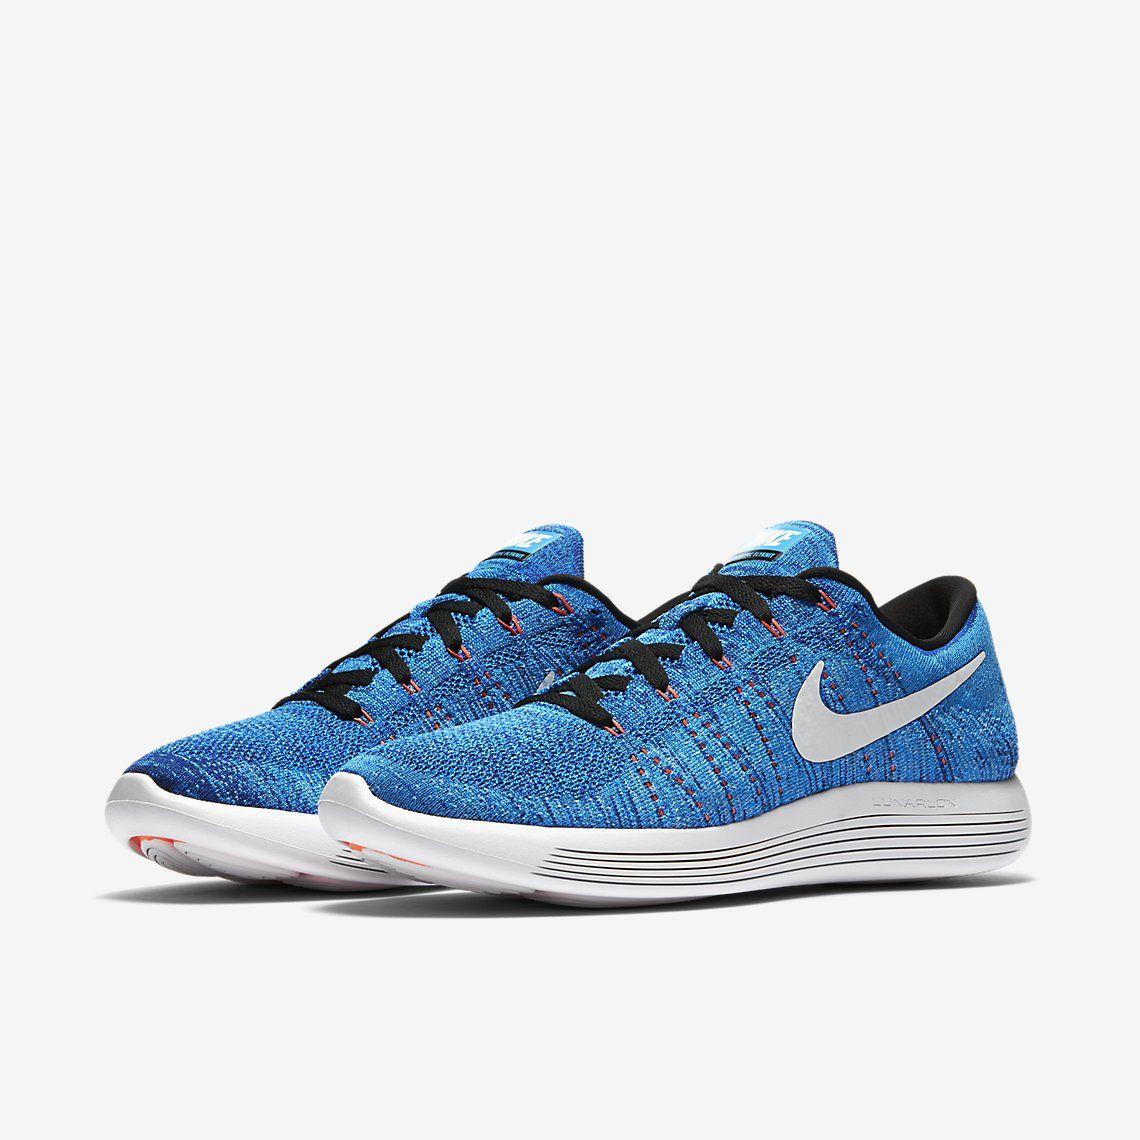 watch a4190 a25bf Nike LunarEpic Low Flyknit Men's Running Shoe. Nike.com ...